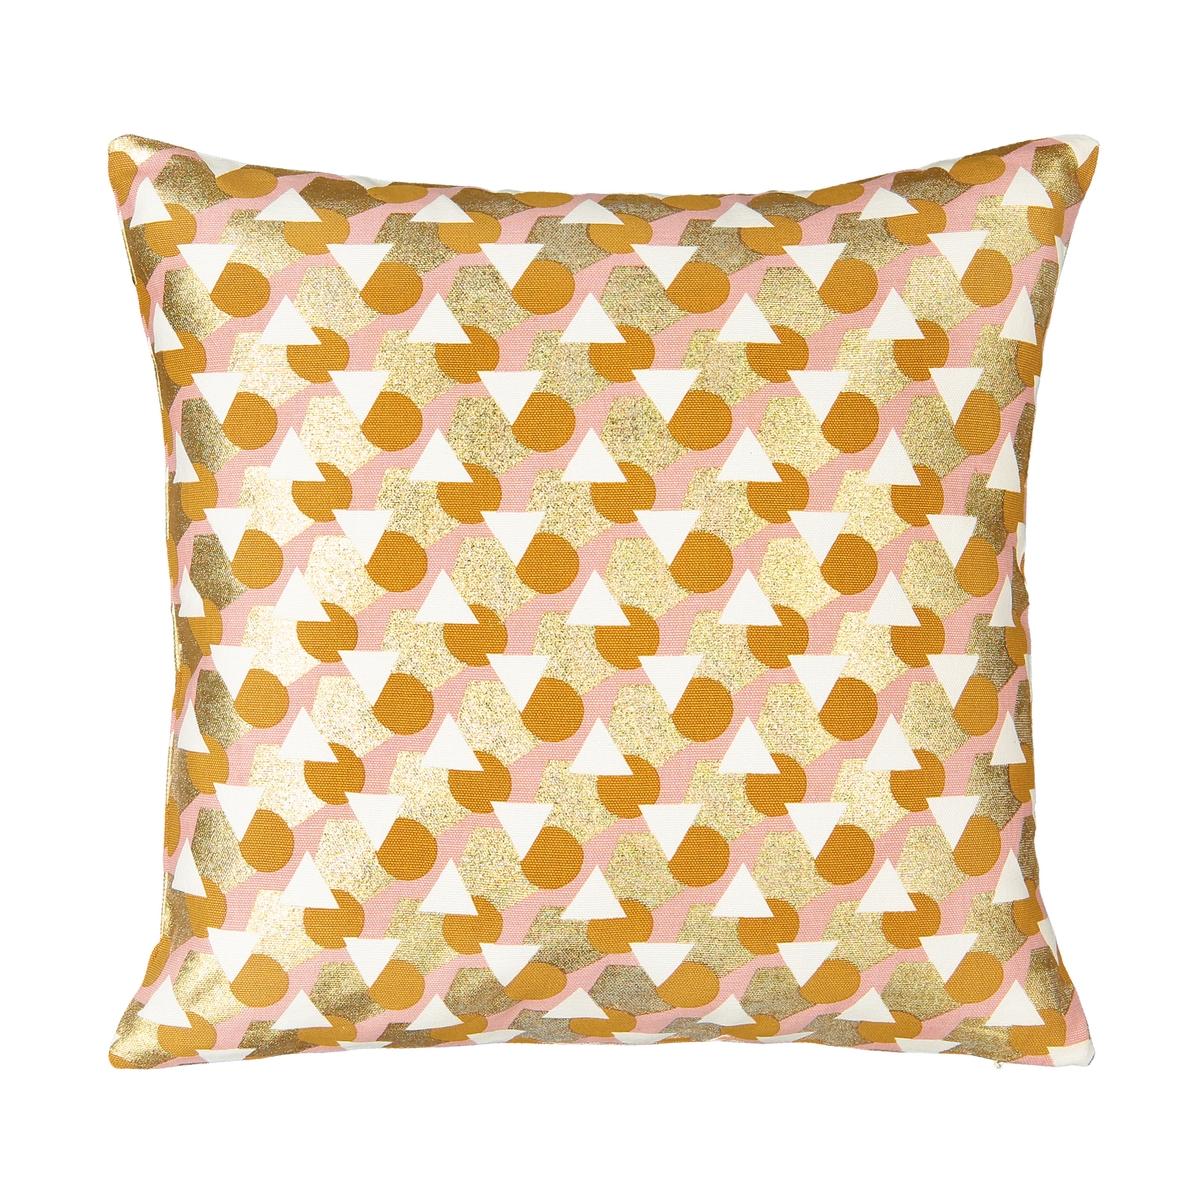 Чехол La Redoute На подушку Joplin 40 x 40 см желтый чехол навололчка la redoute aeri 40 x 40 см бежевый